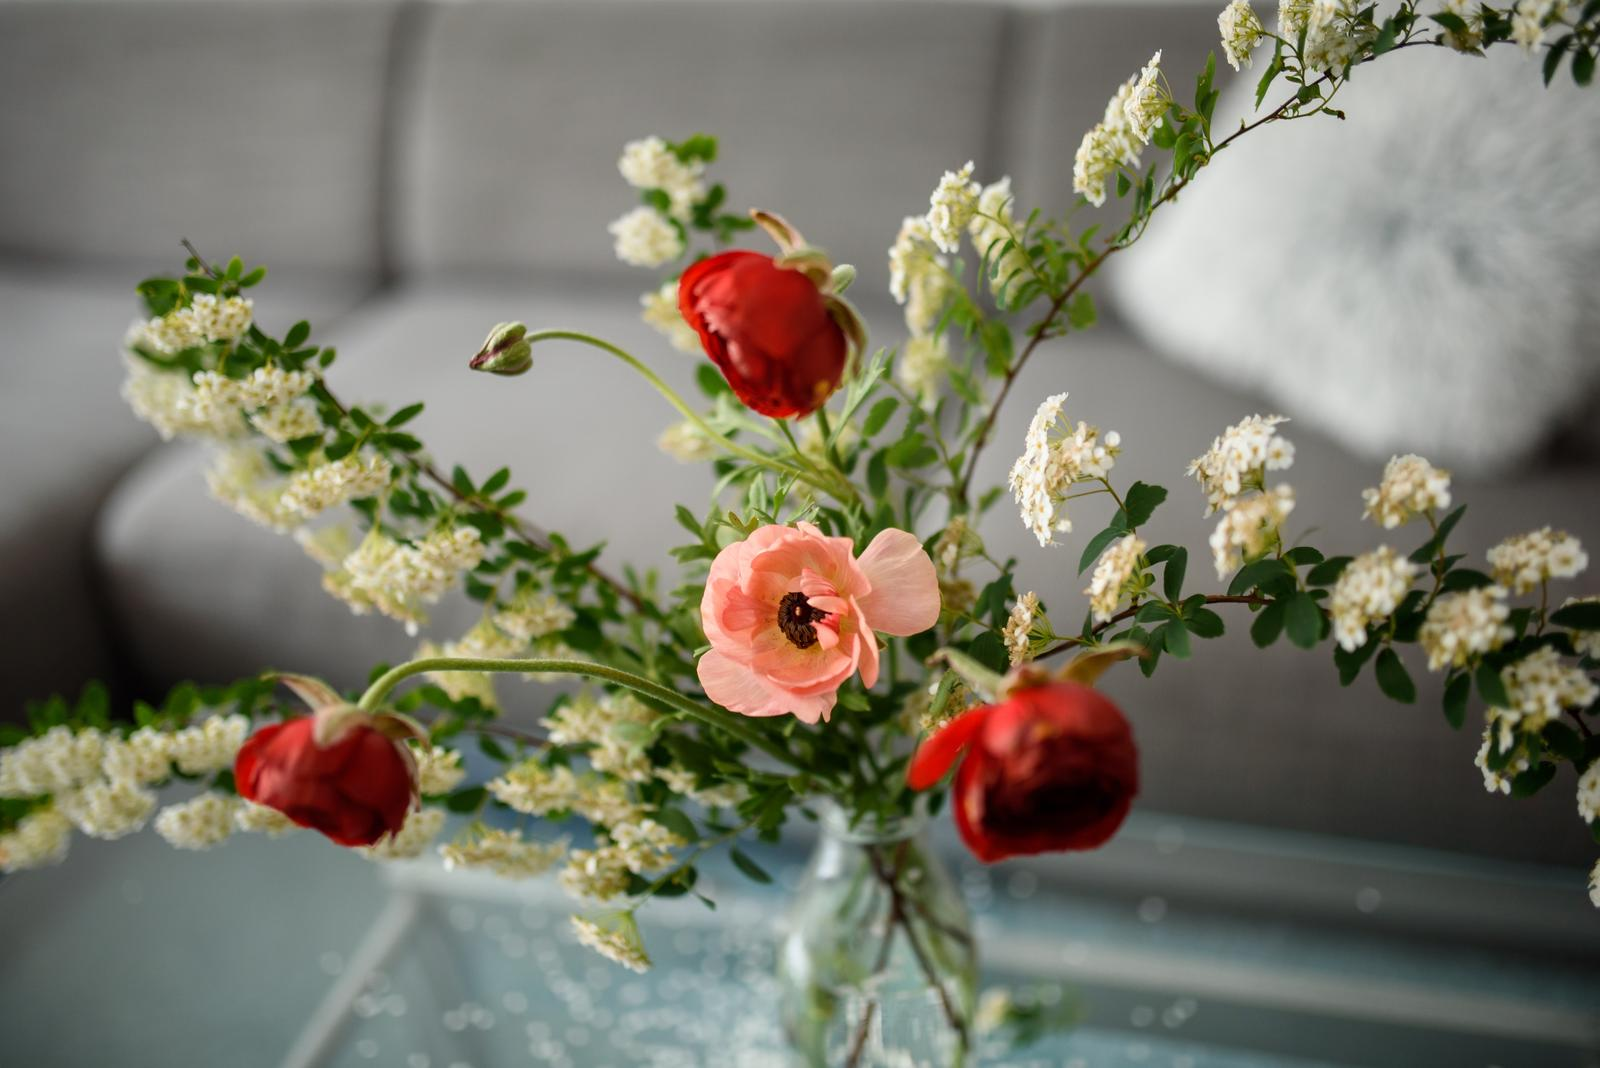 Moje kvetinové aranžmány - Ranunculusy a vetvičky z divého kvitnúceho kríku (tavoľníku). Opadávajúce lupienky dotvárajú romantickú atmosféru aranžmánu